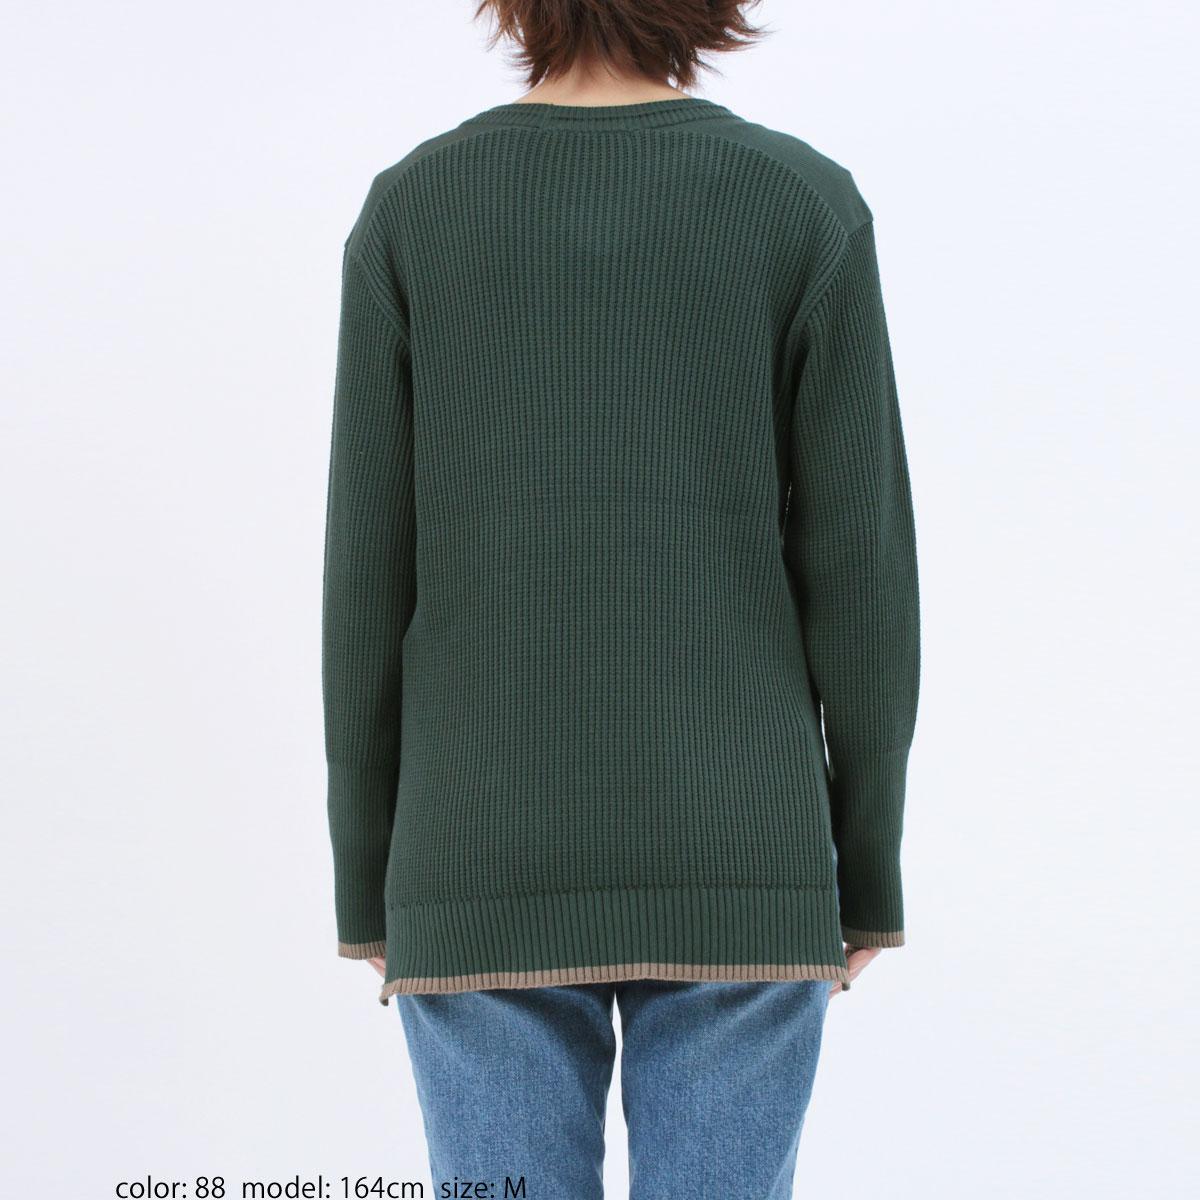 【SALE】AZURITE コンパクトヤーンニットタック編みプルオーバー SCT113